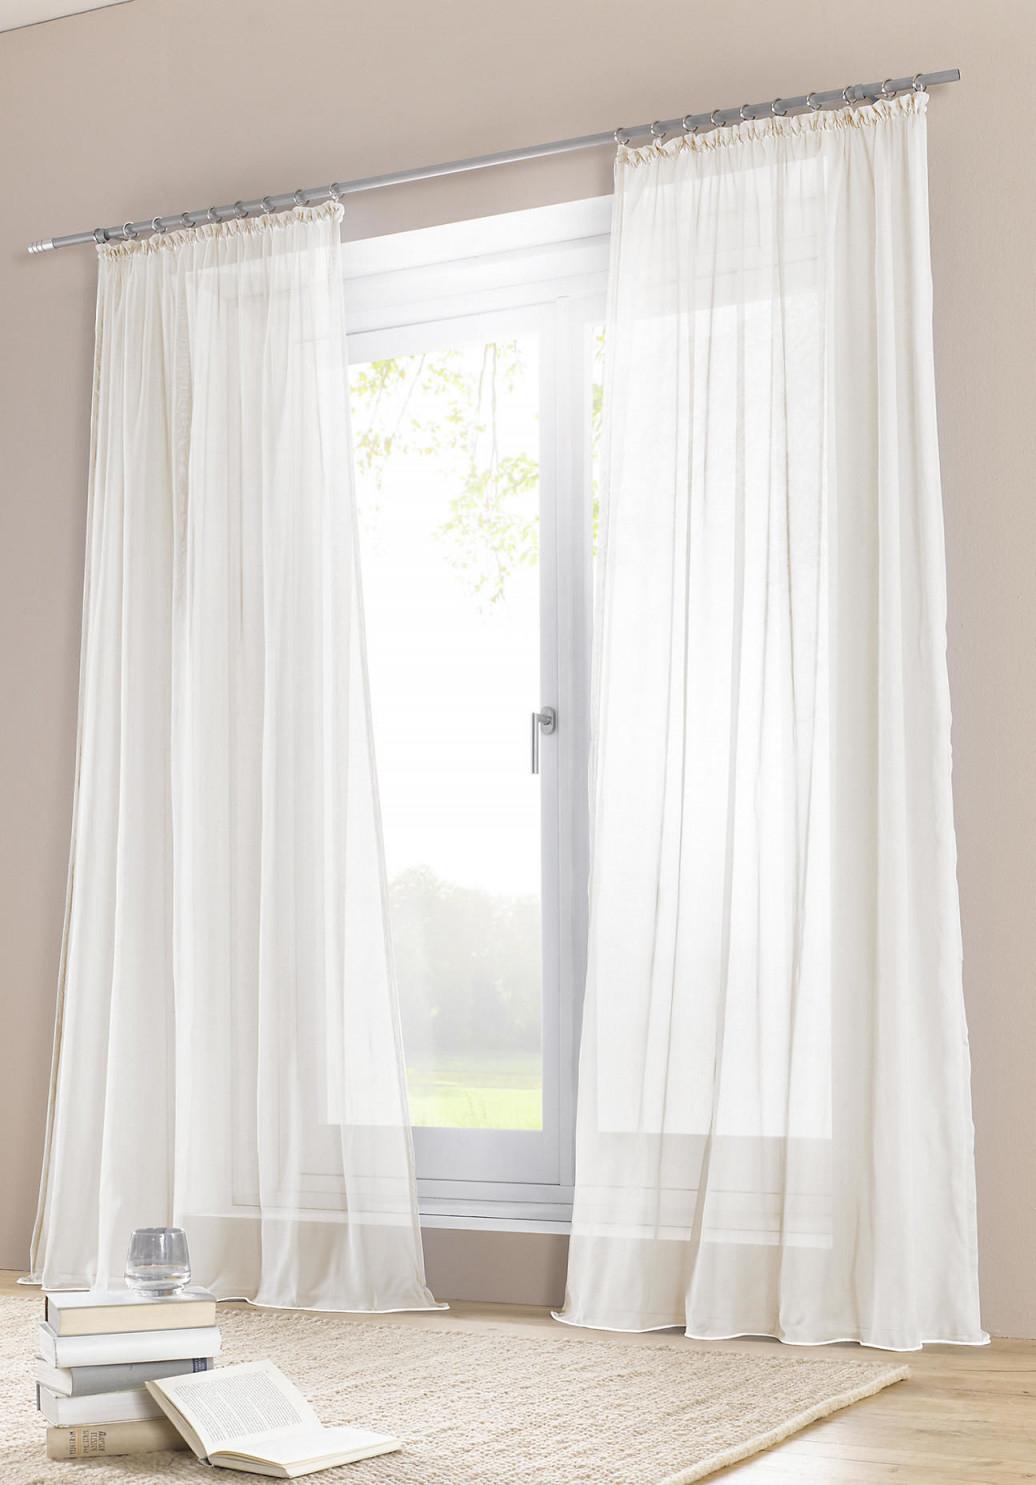 Die Schönsten Ideen Für Vorhänge  Gardinen von Deko Ideen Gardinen Wohnzimmer Photo